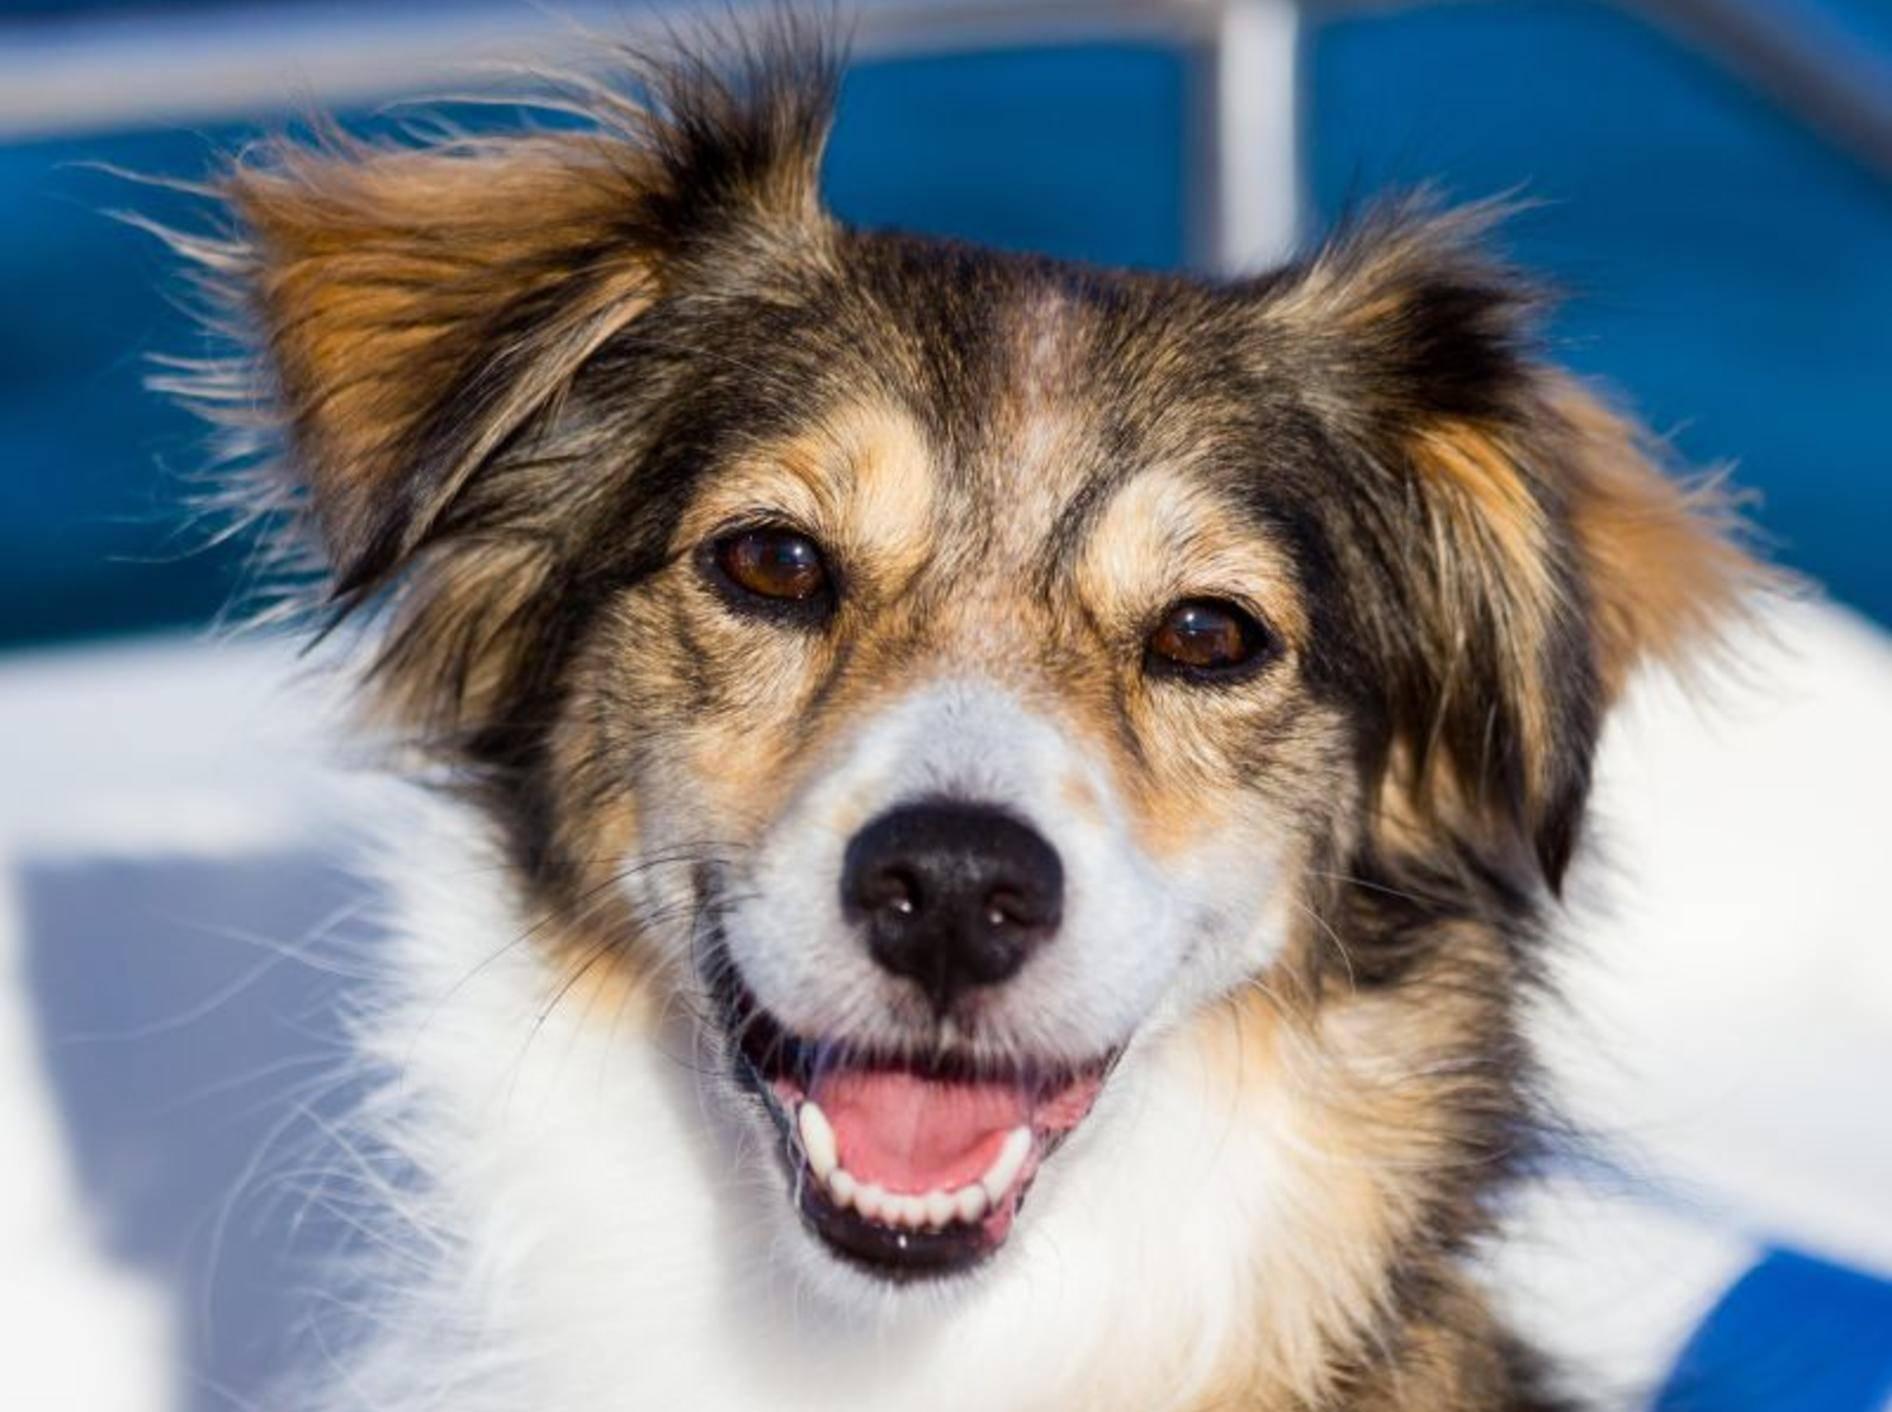 Schifffahren mit dem Hund: Bei guter Vorbereitung meist kein Problem – Bild: Shutterstock / eSeven